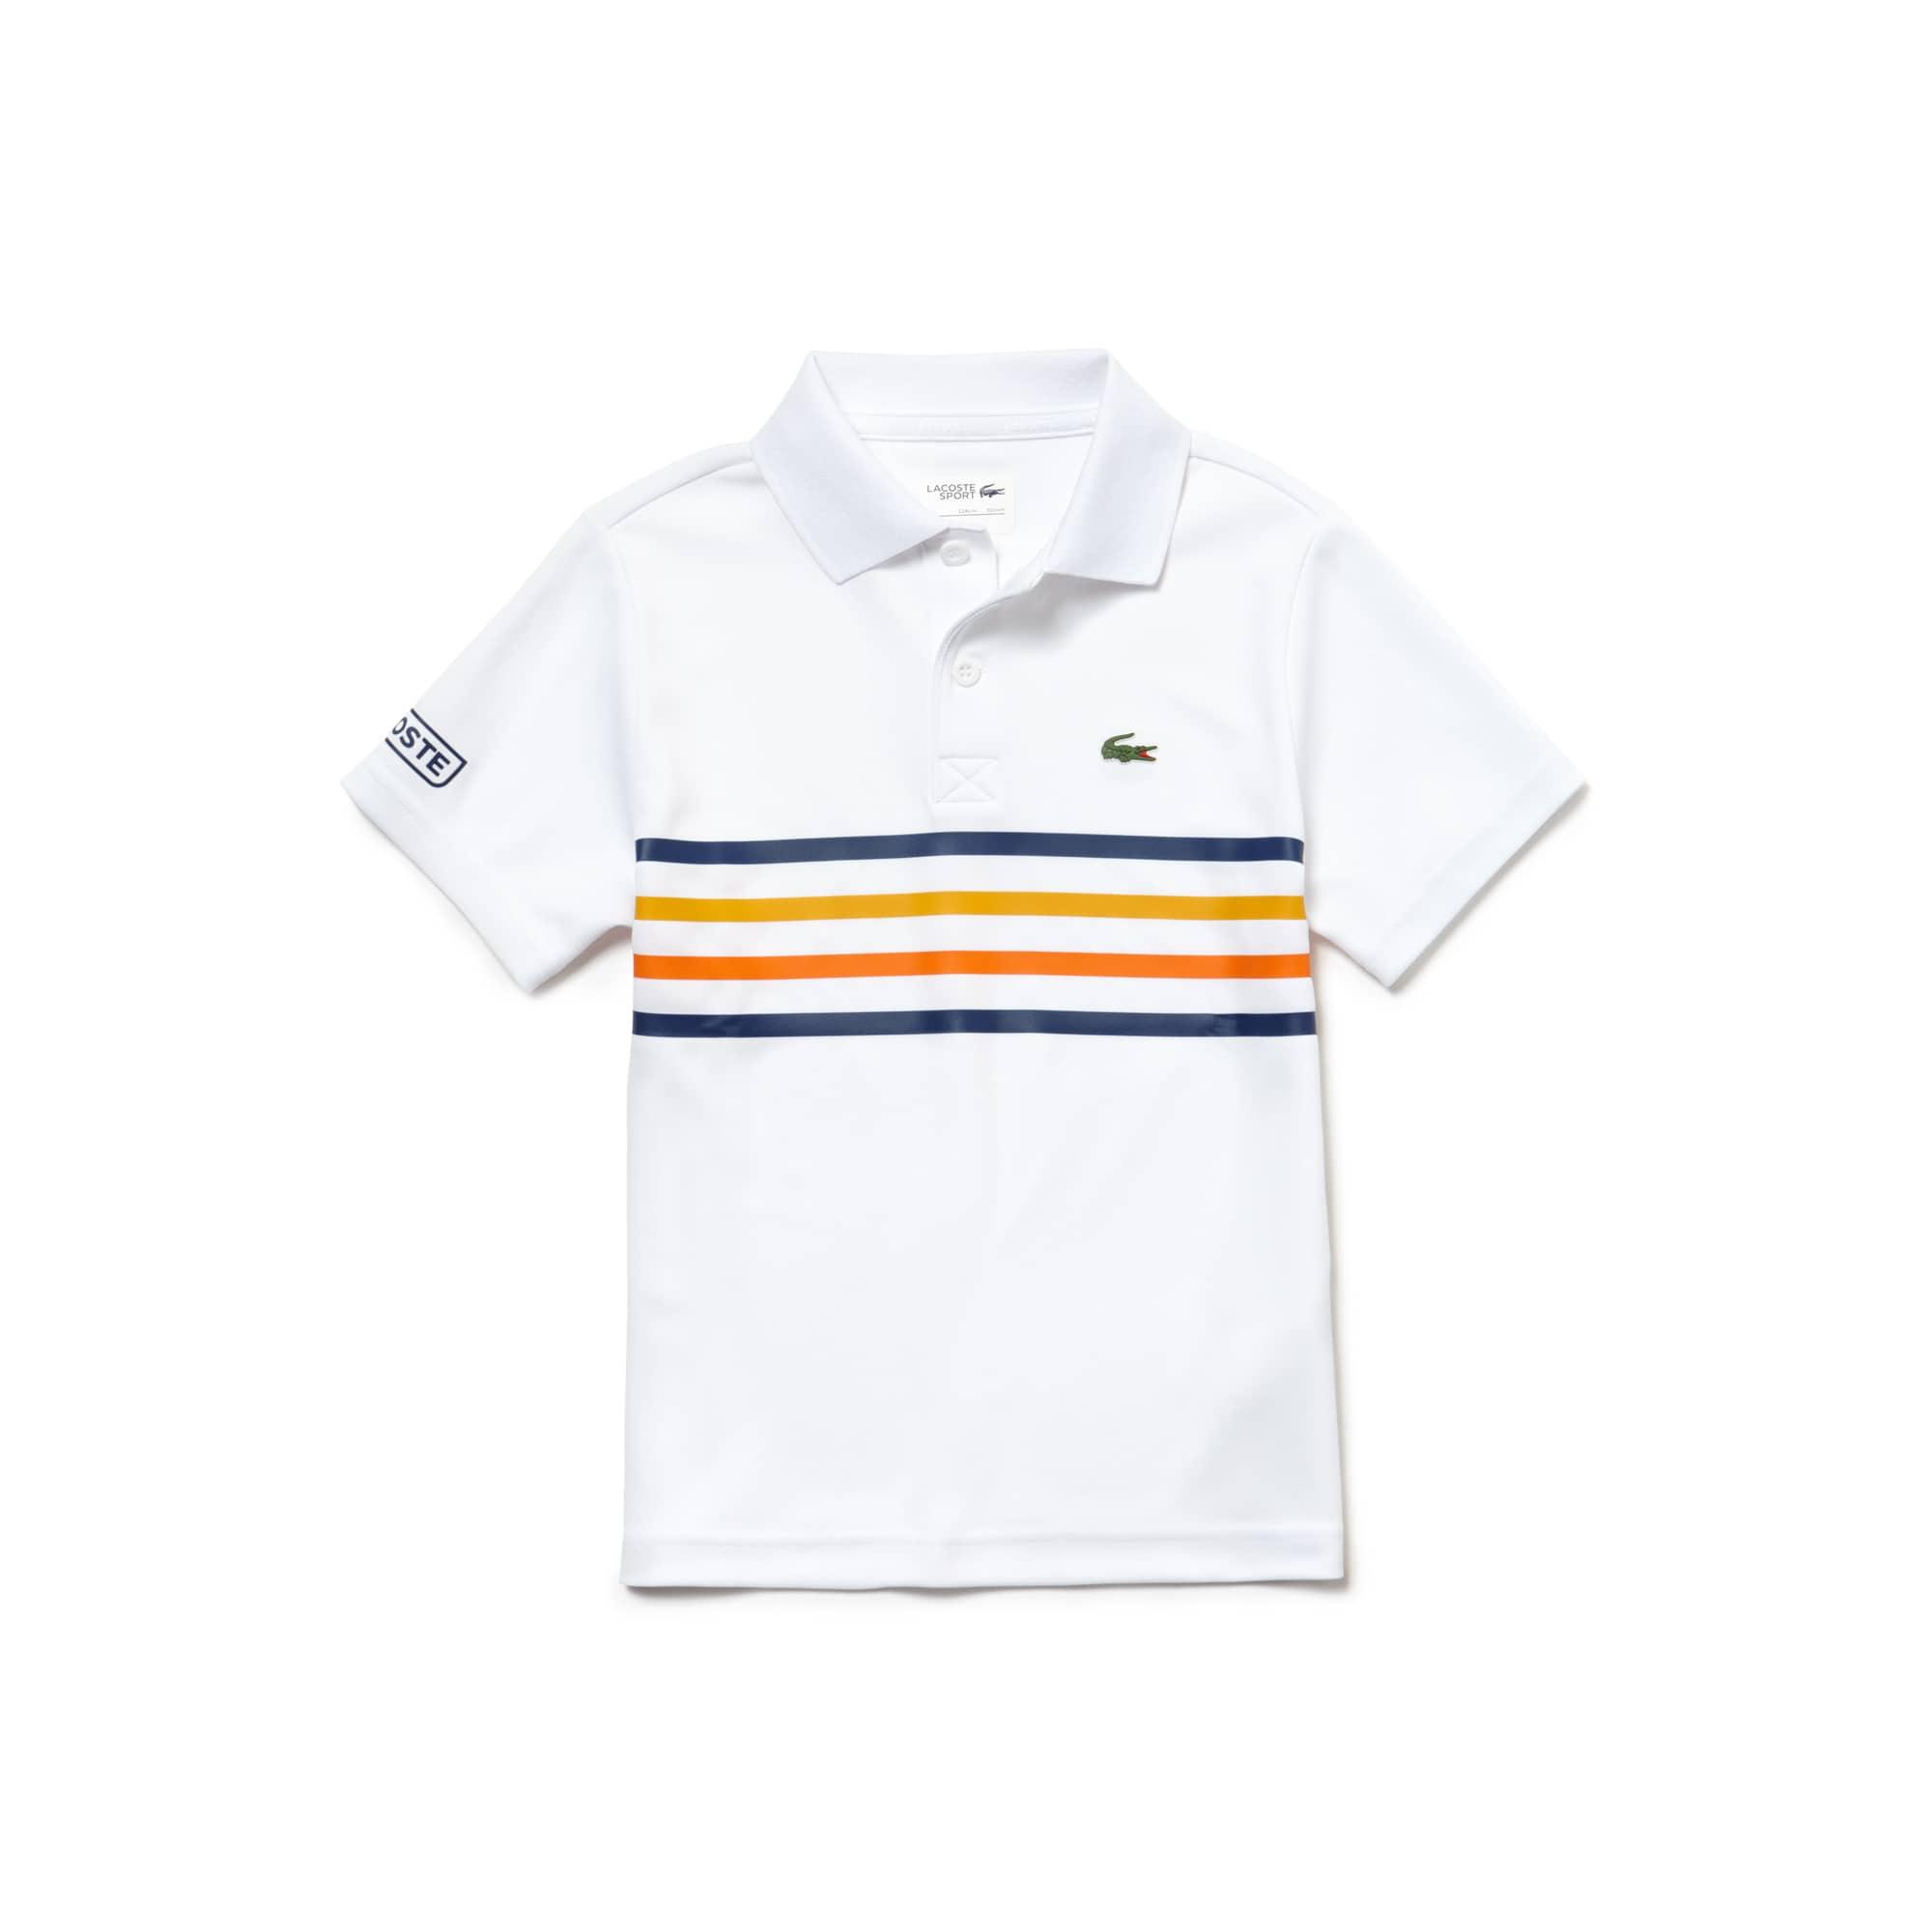 قميص بولو للتنس للأولاد من لاكوست سبورت بأشرطة ملونة وبخامة تيك بيكيه